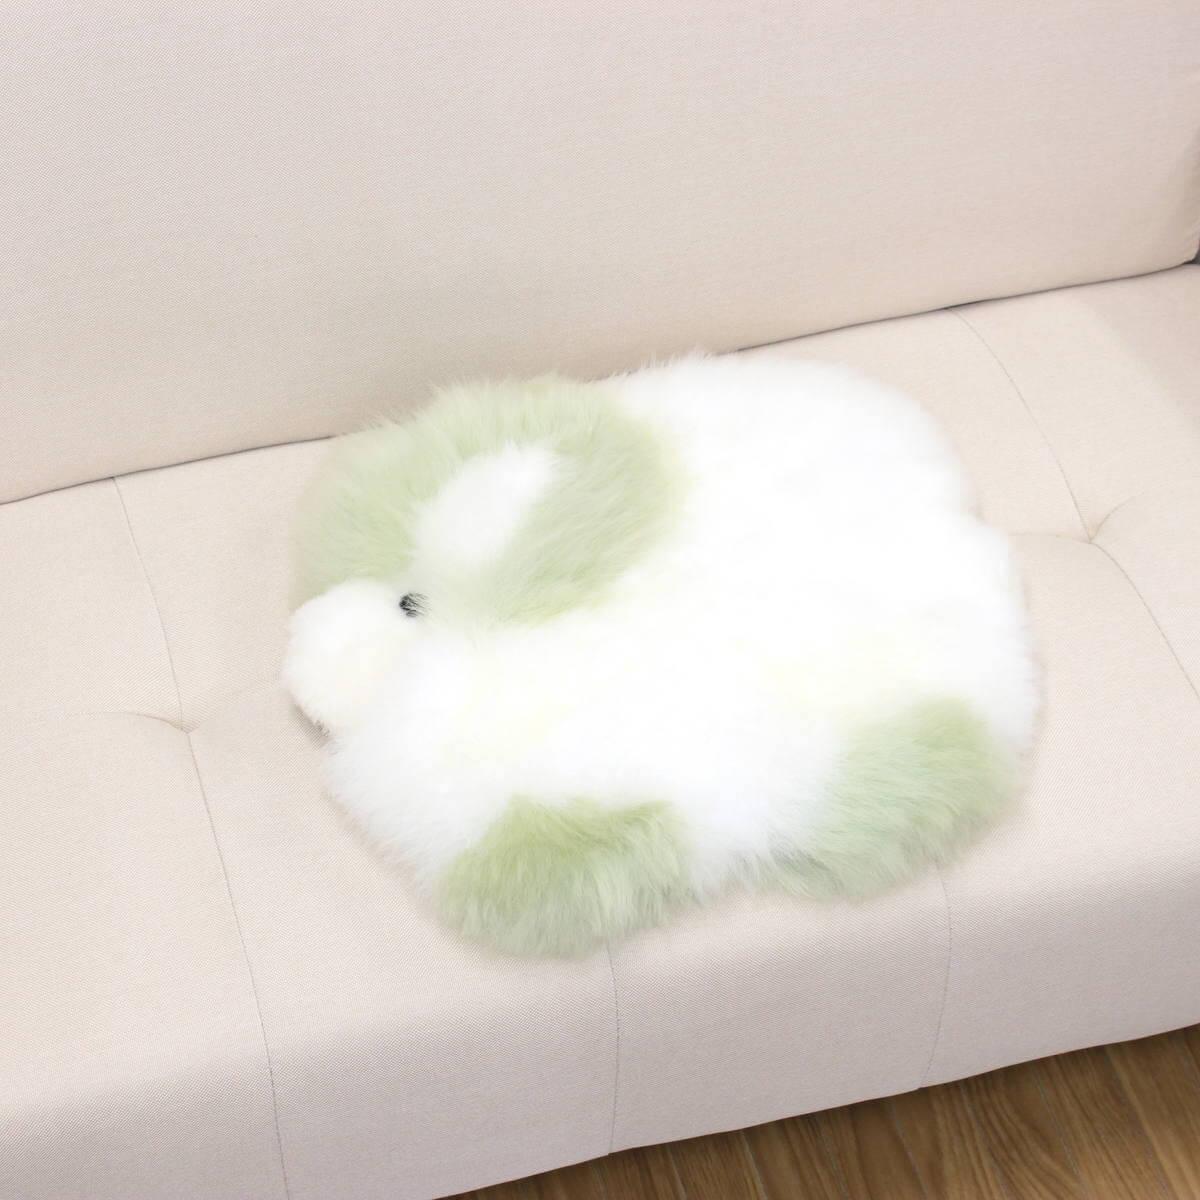 ムートンシートクッションひつじちゃん(グリーン)をソファに置いた一例です。